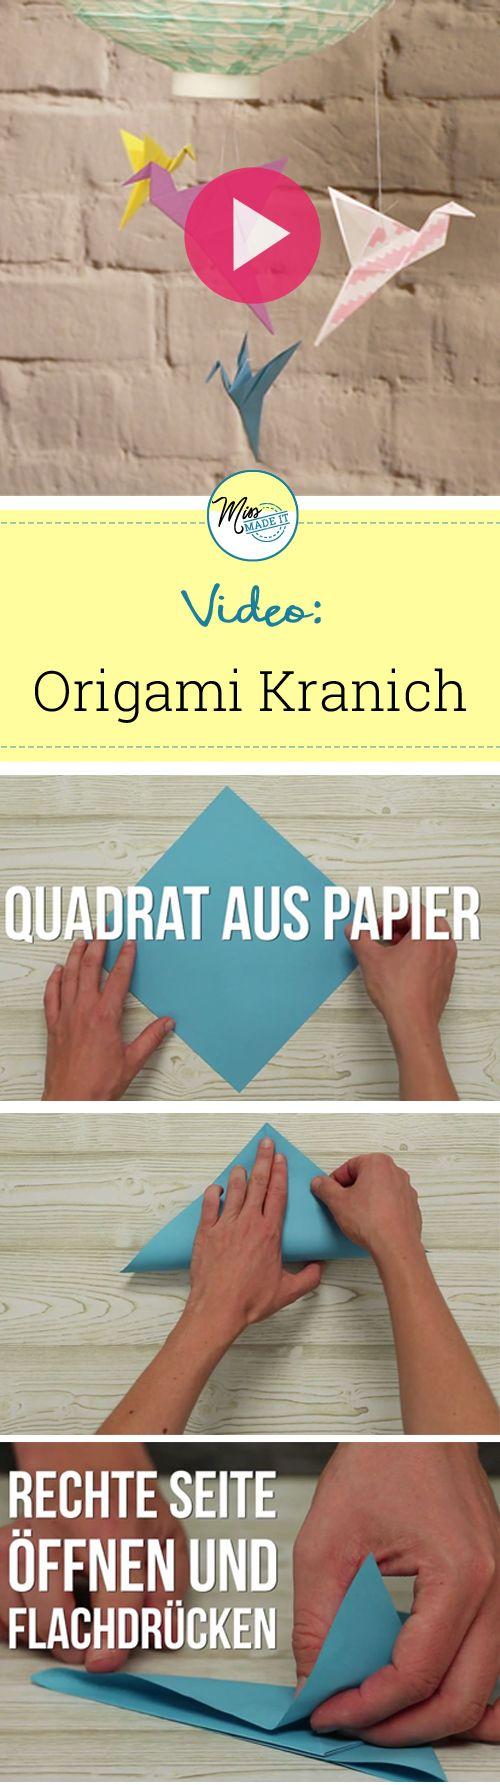 Origami Kranich basteln und zum Fliegen bringen